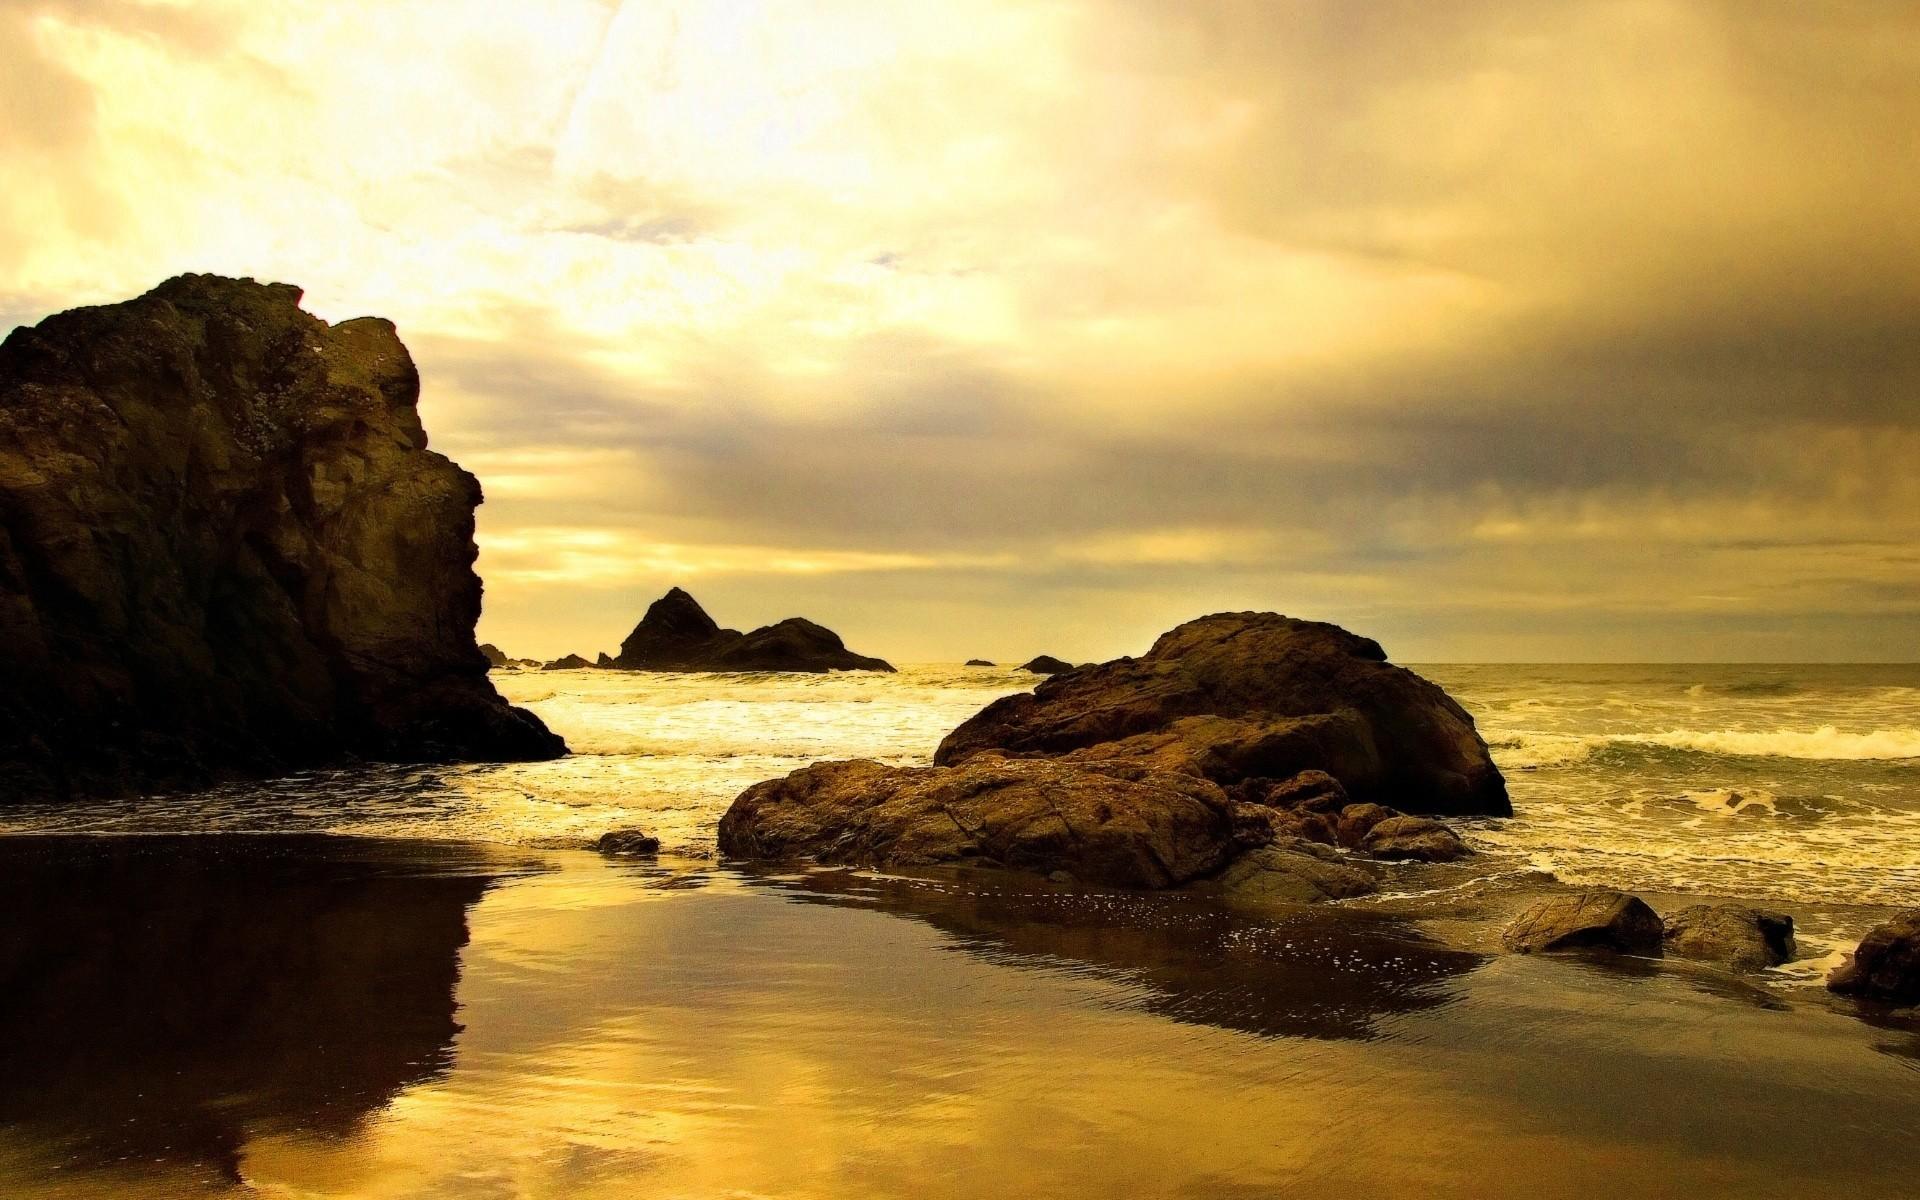 фото моря красивые